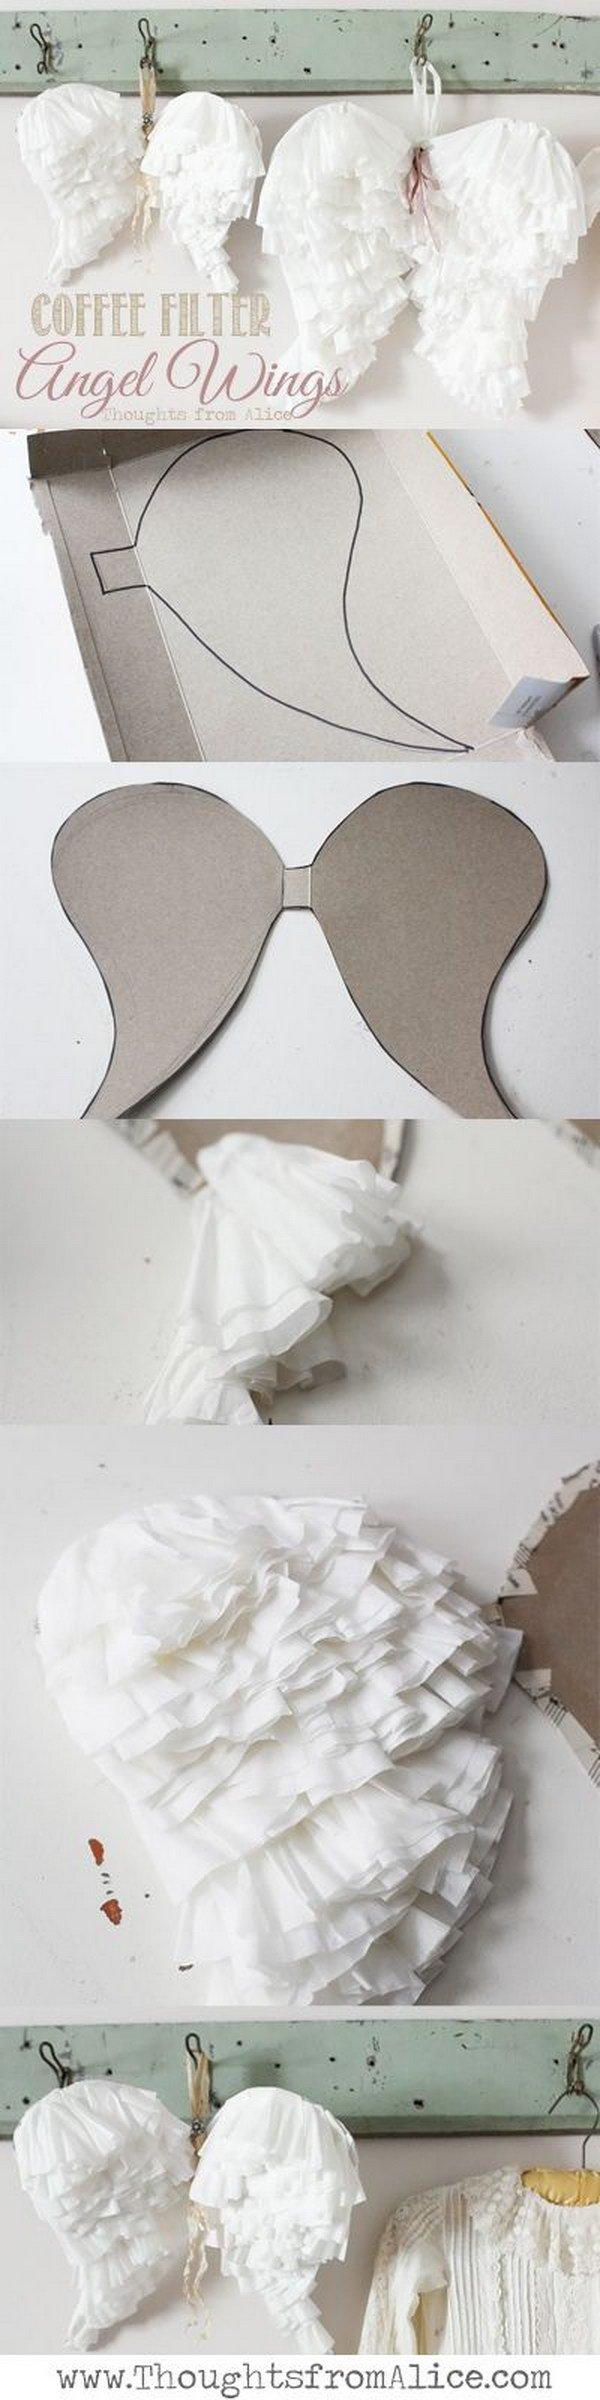 DIY Coffee Filter Angel Wings.